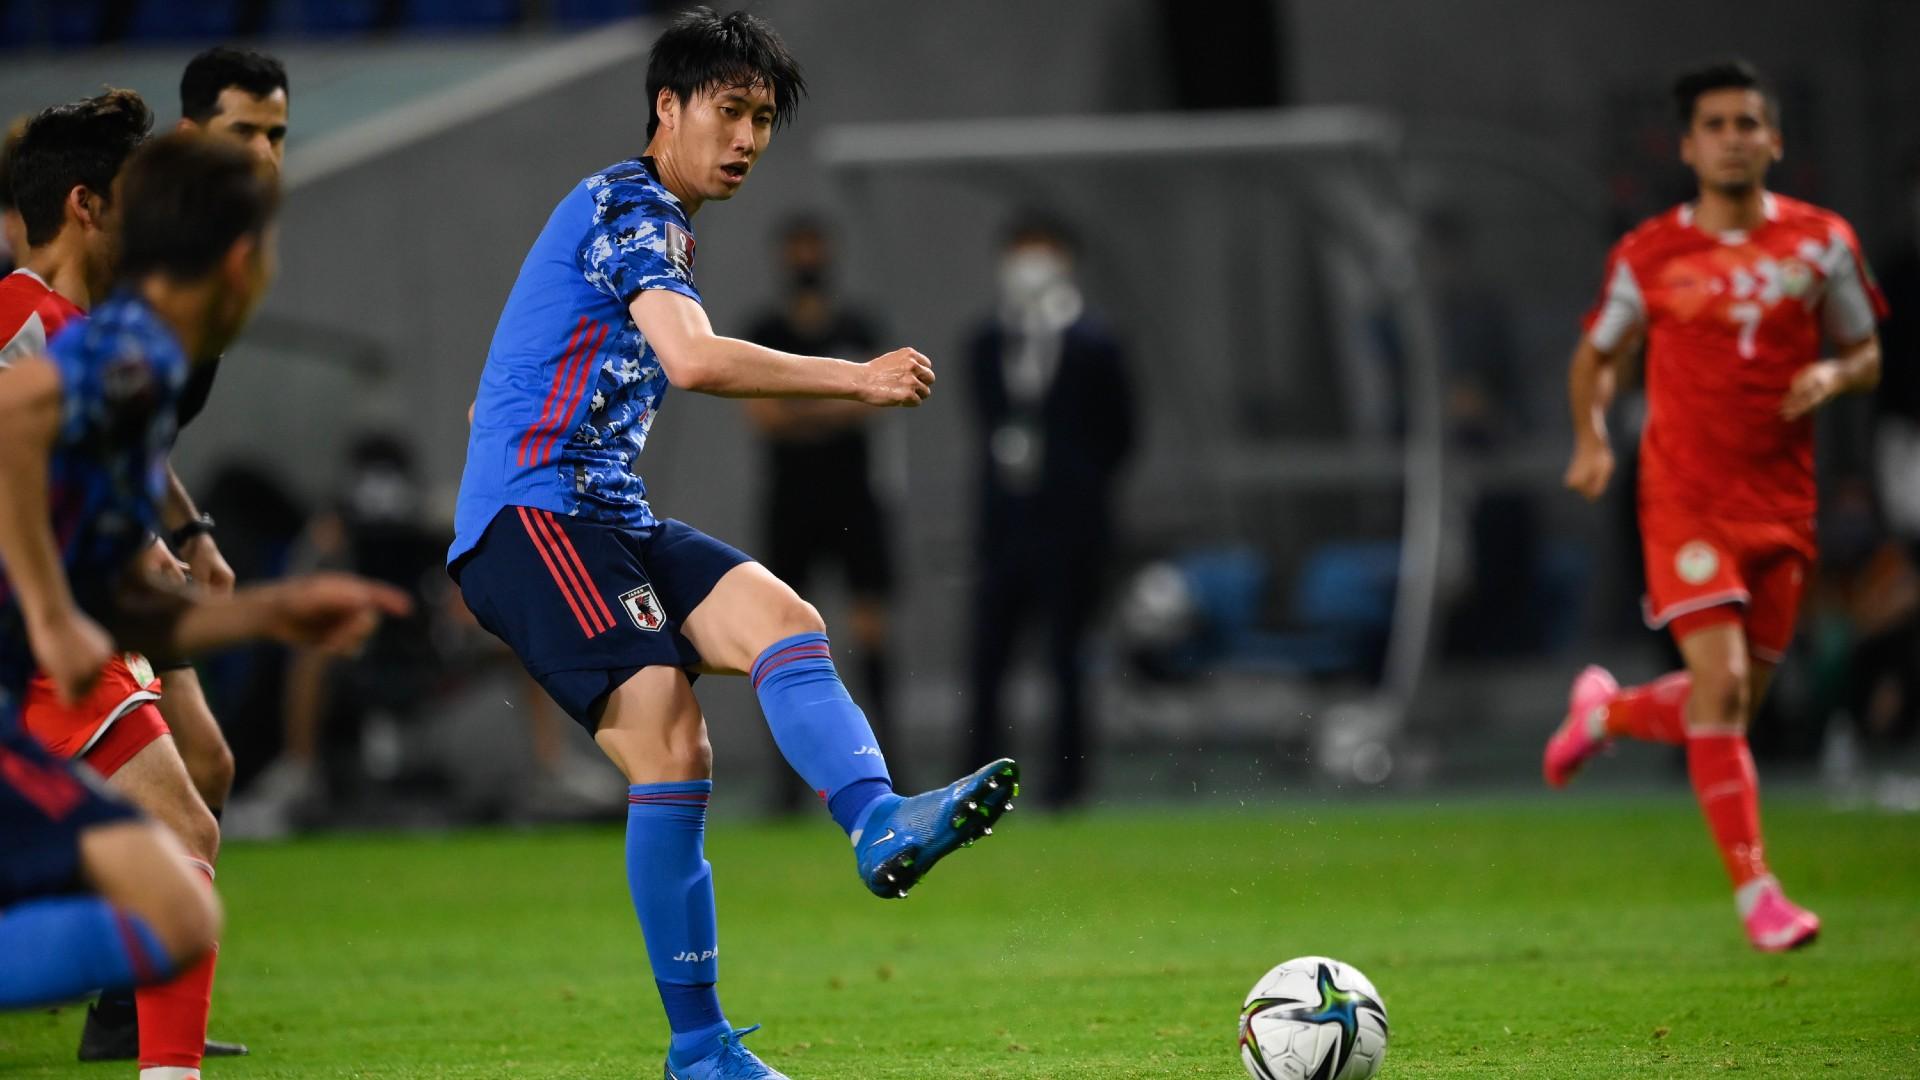 【きょうのスポーツ】代表連戦の締めくくり!カタール・ワールドカップアジア2次予選でキルギスと激突|サッカー